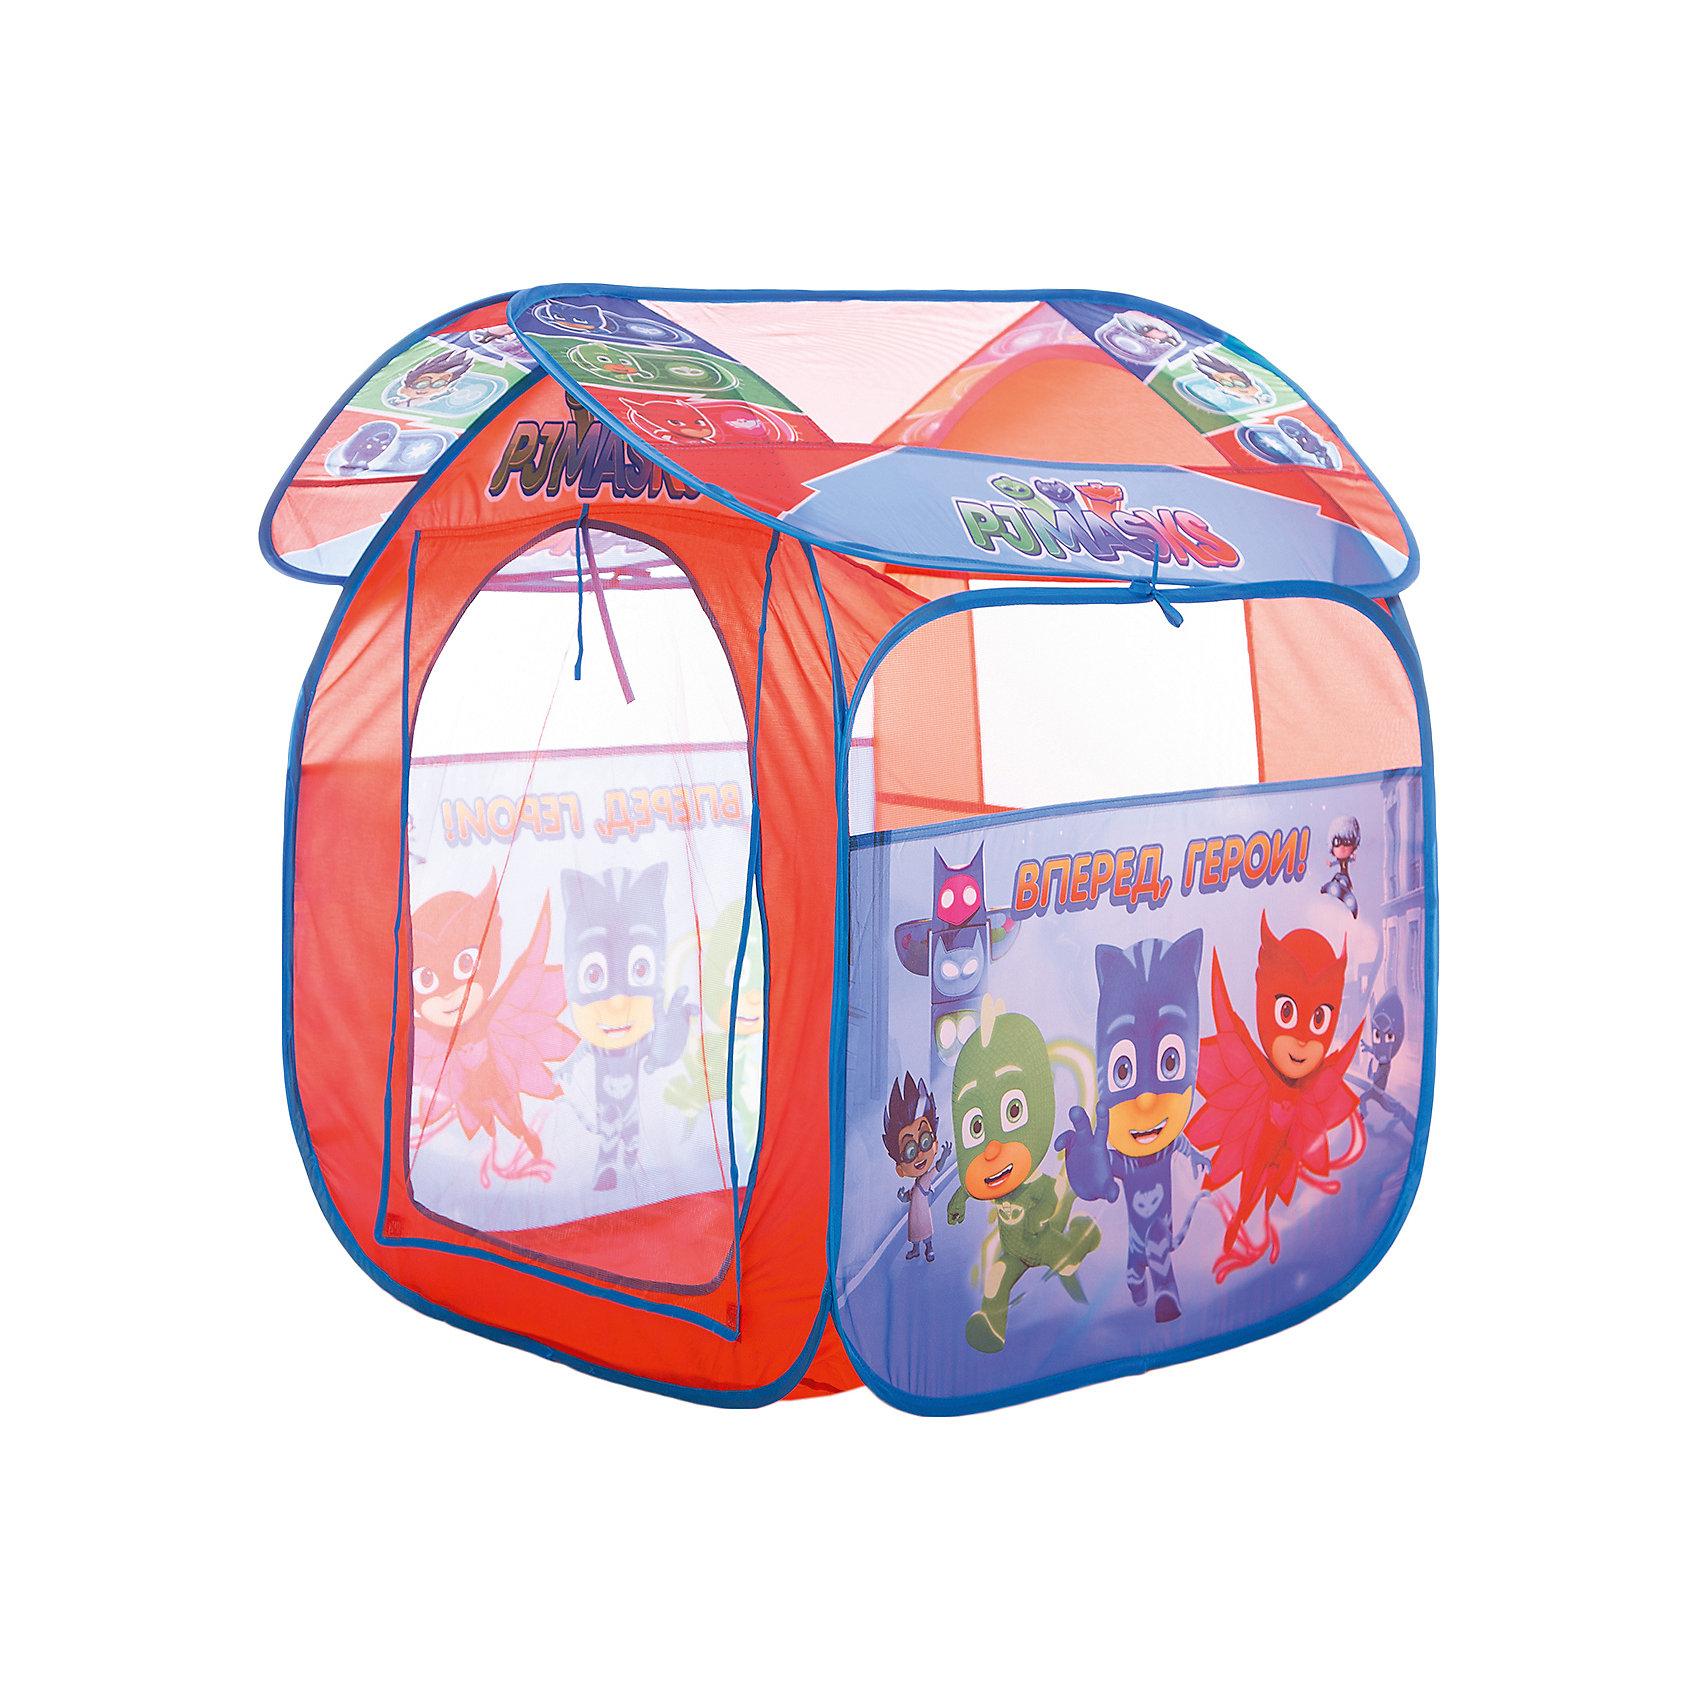 Игровая палатка Герои в масках, 83*100*80 см, РосмэнИгровые центры<br>Характеристики:<br><br>• для детей в возрасте: от 3 лет<br>• размер: 83х100х80 см.<br>• материал: полиэстер, пластик<br>• упаковка: чехол<br>• размер упаковки: 39х39х4 см.<br>• вес: 748 гр.<br><br>Красочная игровая палатка «Герои в масках» предназначена для игр дома и на улице. Она состоит из 2 частей (основного корпуса и крыши), каждая из которых оснащена сетчатыми окошками для вентиляции. Входной полог закрывается на липучки. На две стороны и крышу нанесены изображения любимых персонажей. <br><br>Благодаря удобному самораскладывающемуся каркасу, палатку можно легко и быстро складывать и раскладывать. В сложенном виде палатка компактна и не занимает много места. Палатка изготовлена из полиэстера, каркас пластиковый.<br><br>Игровую палатку Герои в масках, 83*100*80 см, Росмэн можно купить в нашем интернет-магазине.<br><br>Ширина мм: 390<br>Глубина мм: 390<br>Высота мм: 55<br>Вес г: 748<br>Возраст от месяцев: 36<br>Возраст до месяцев: 2147483647<br>Пол: Мужской<br>Возраст: Детский<br>SKU: 6724883